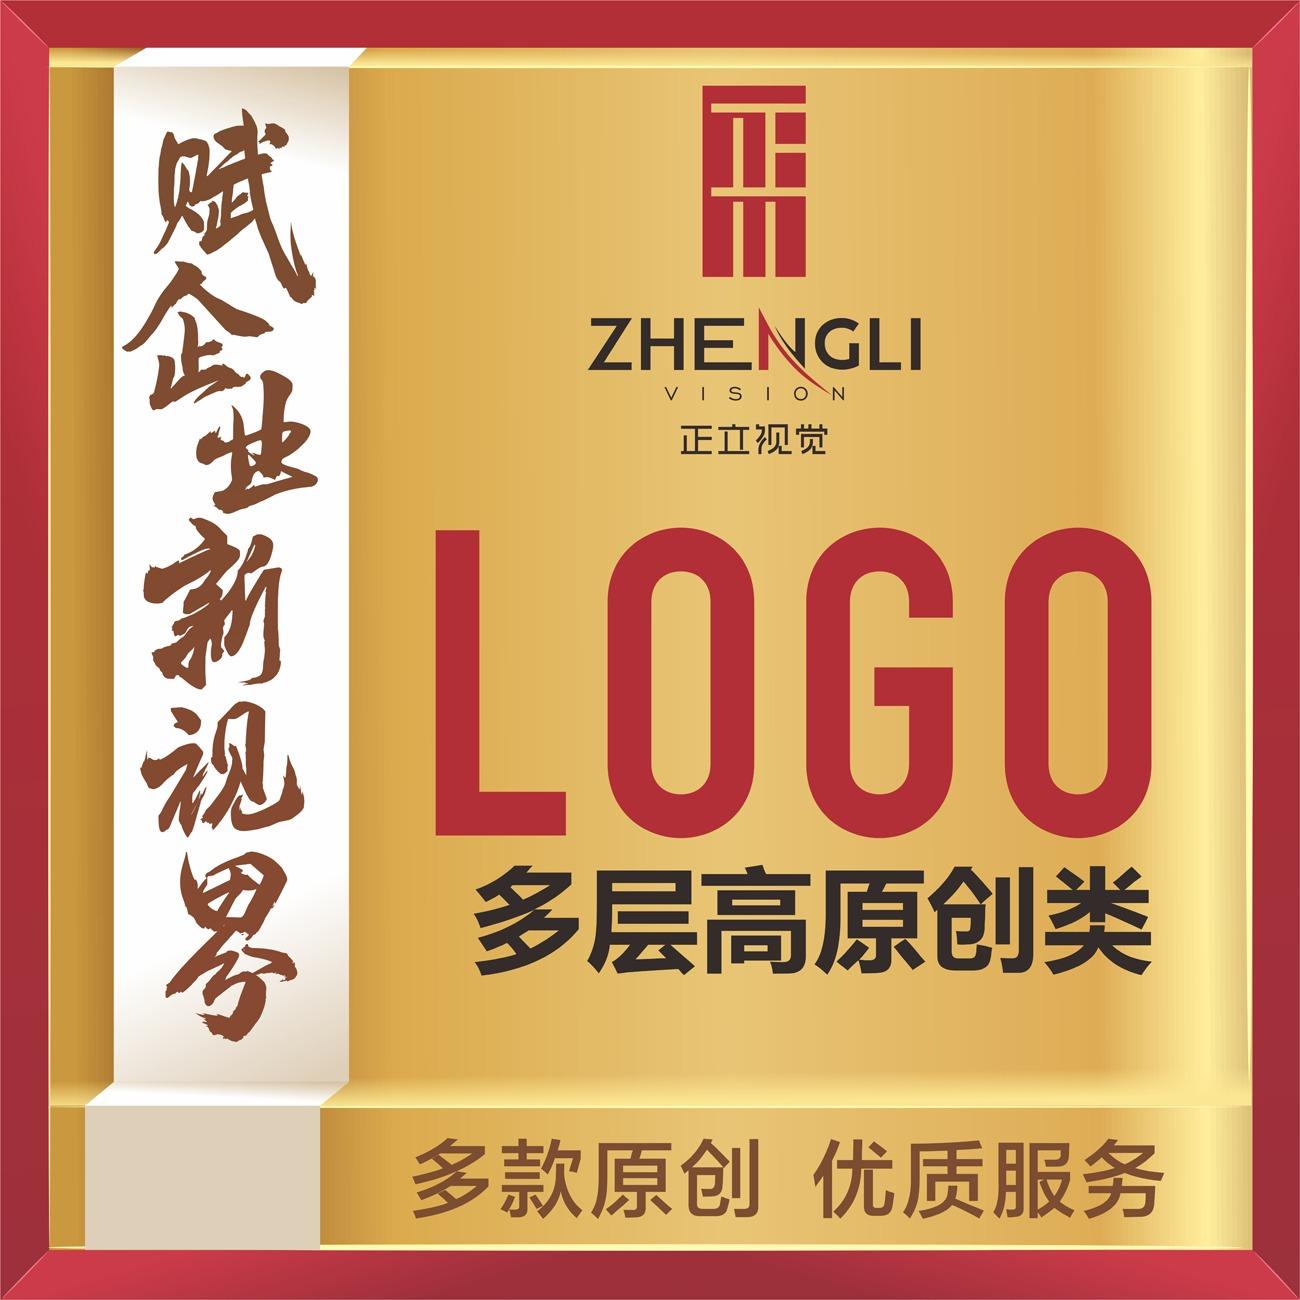 正立企业形象logo定制商标设计产品贴原创标识字体设计卡通